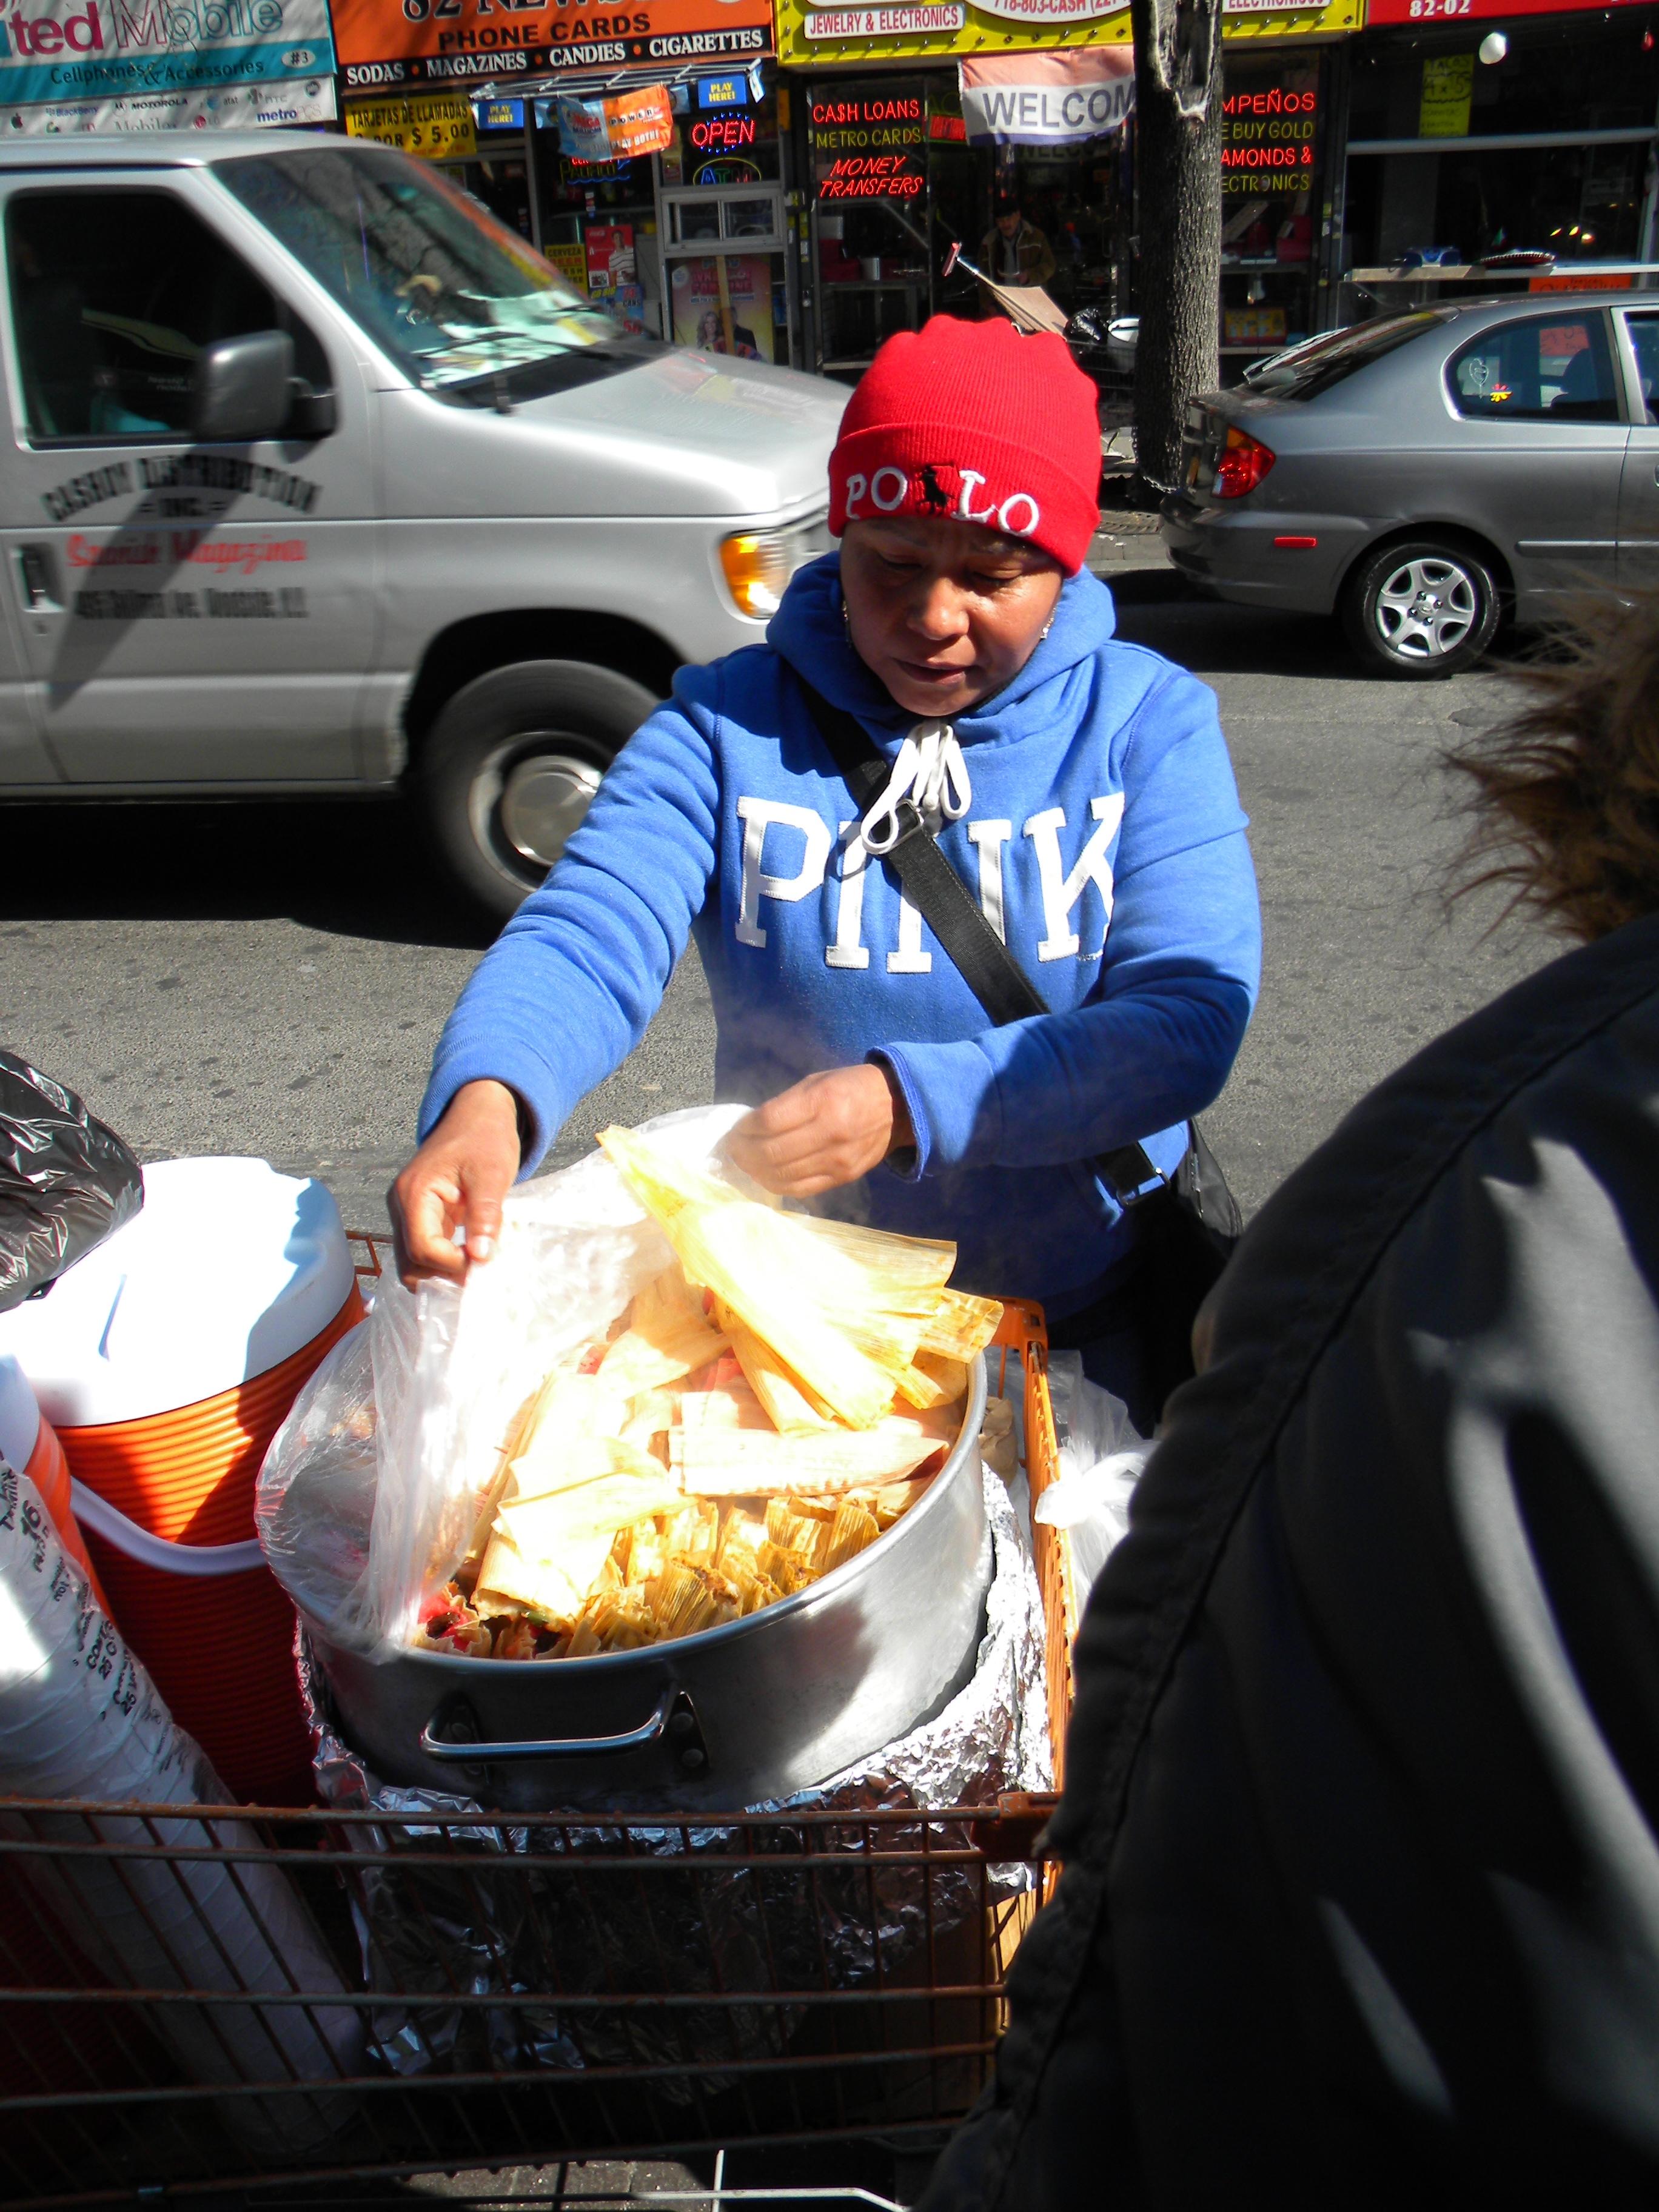 Street vendor selling tamales in Jackson Heights